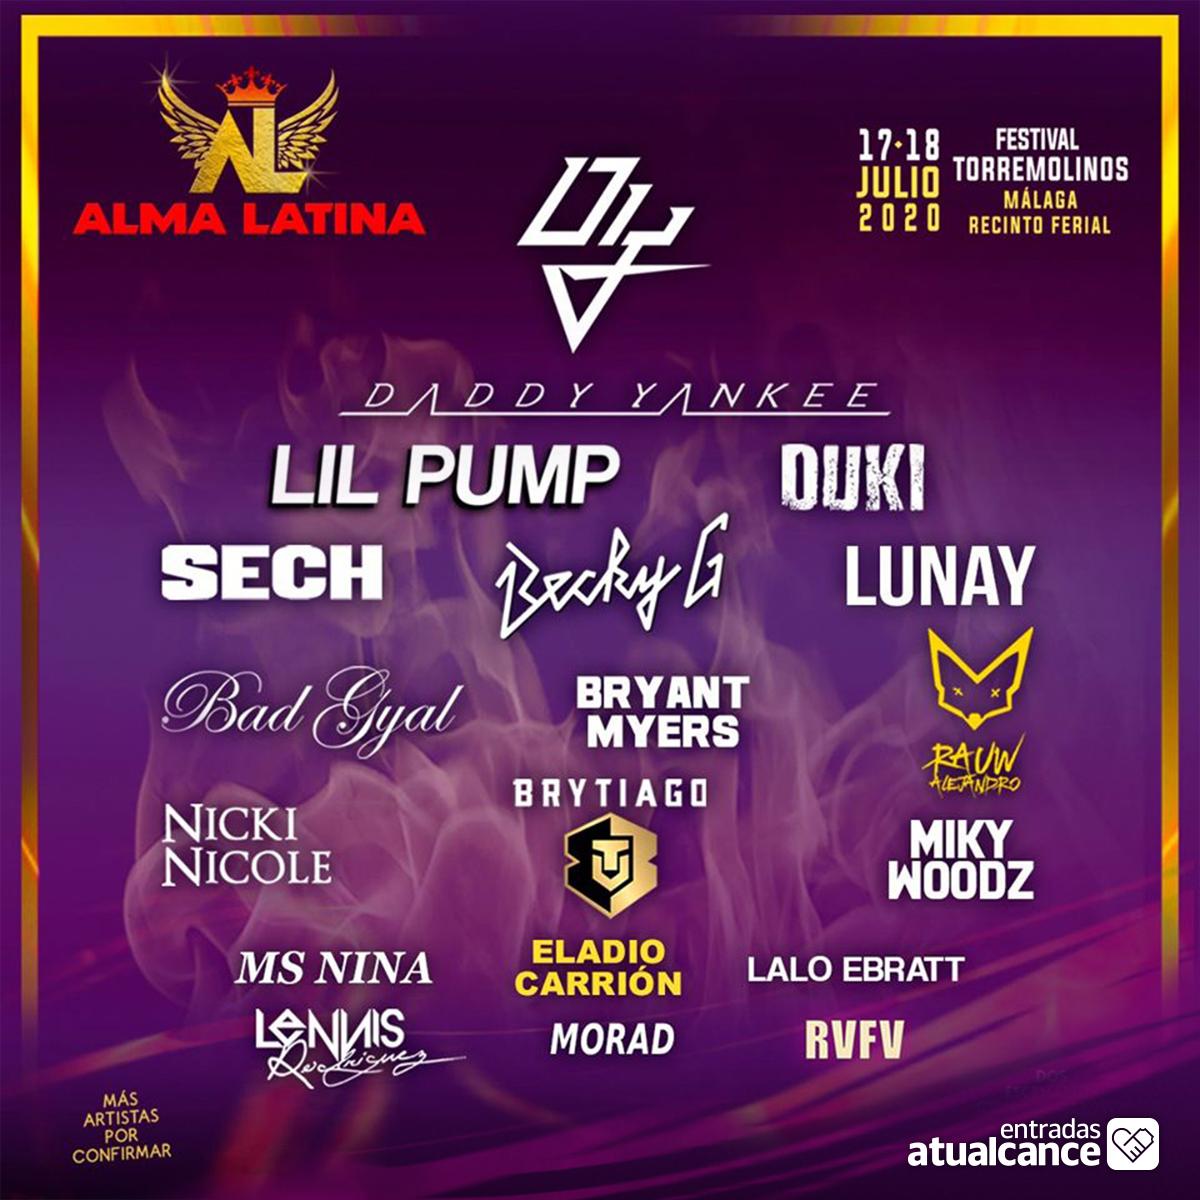 alma-latina-festival-2020-5e8c4d933fd6f.jpeg